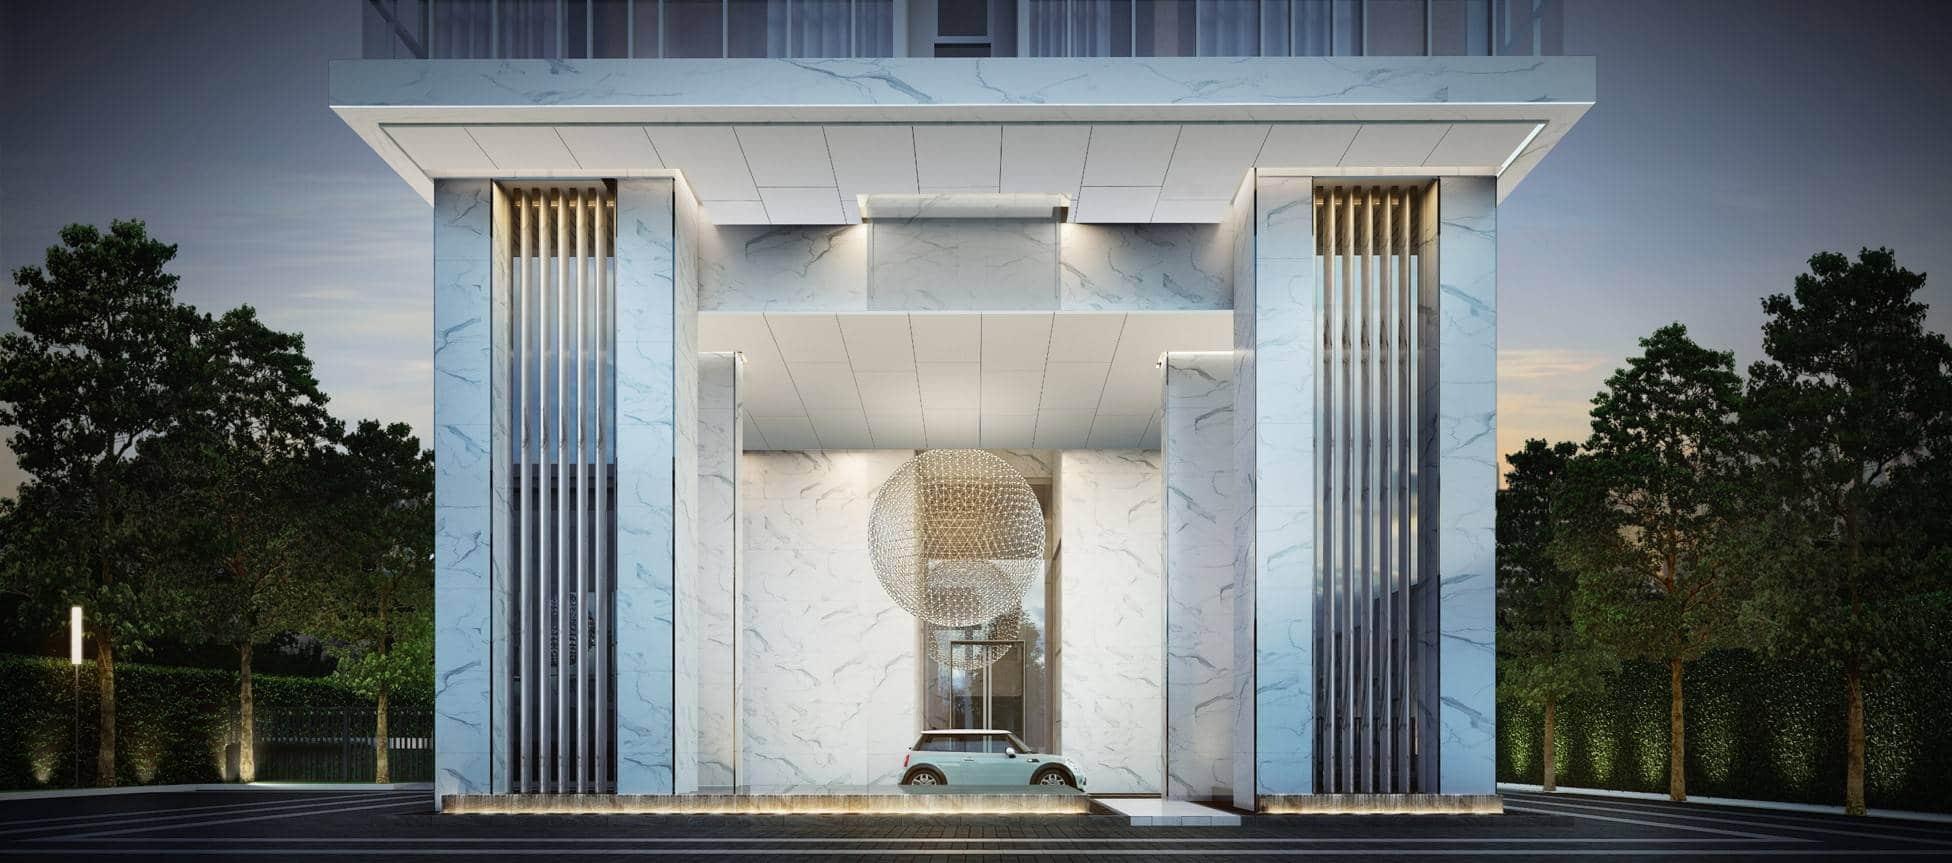 รีวิวพาชมห้องตัวอย่างโครงการ เดอ ลาพีส จรัญ 81 De LAPIS Charan 81 คอนโด High Rise 32 ชั้น คอนโดมิเนียมแห่งใหม่ติดสถานีรถไฟฟ้าสายสีน้ำเงินพร้อมสัมผัสวิวโค้งน้ำเจ้าพระยาที่สวยกว่าใครบนถนนจรัญสนิทวงศ์ | Prop2Morrow บ้าน คอนโด ข่าวอสังหาฯ